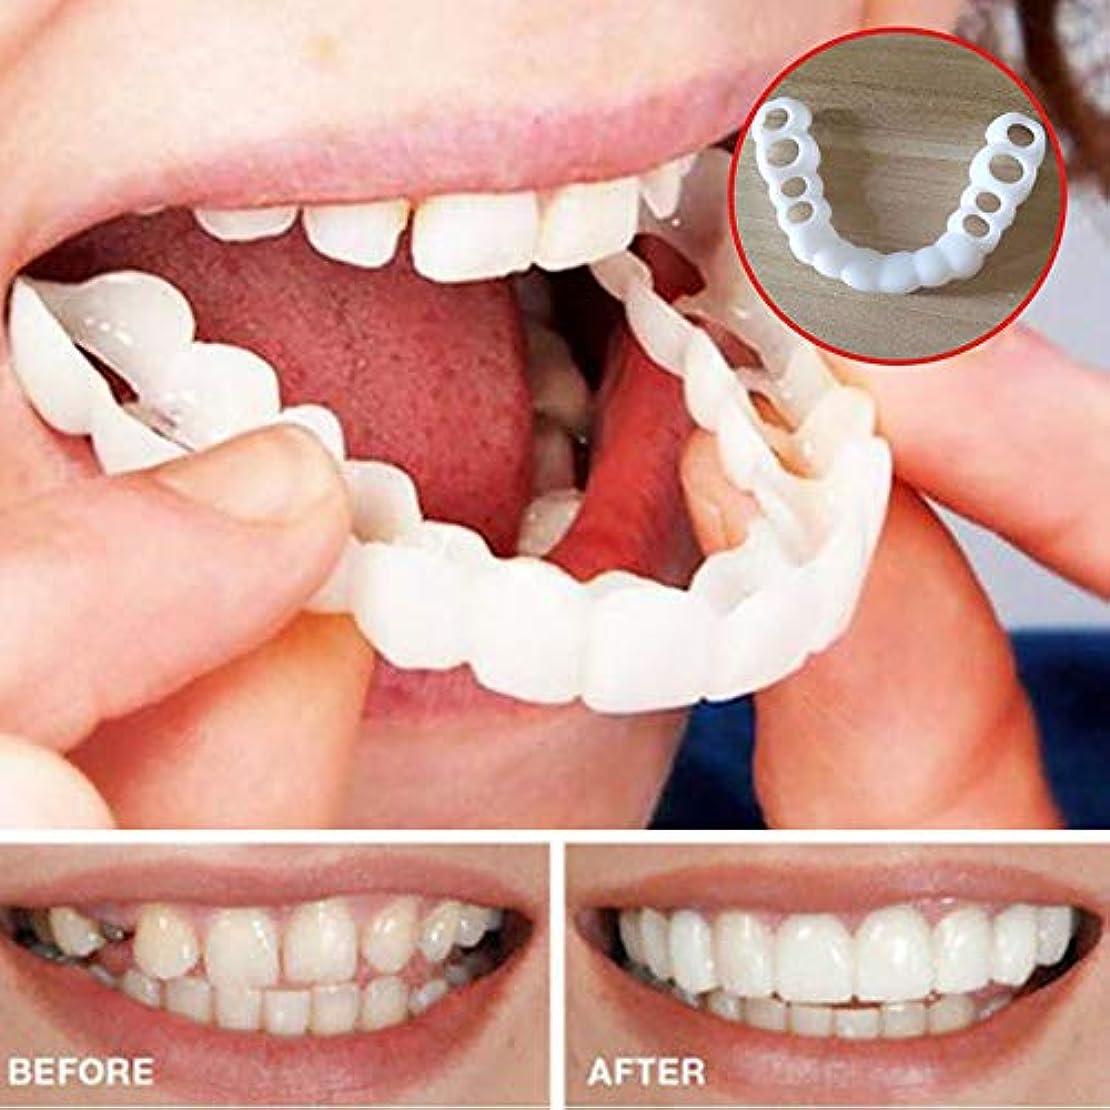 フラスコミスペンドマージン4ペア美しい快適さフィットフレックス化粧品の歯義歯歯のトップとボトム化粧品突き板